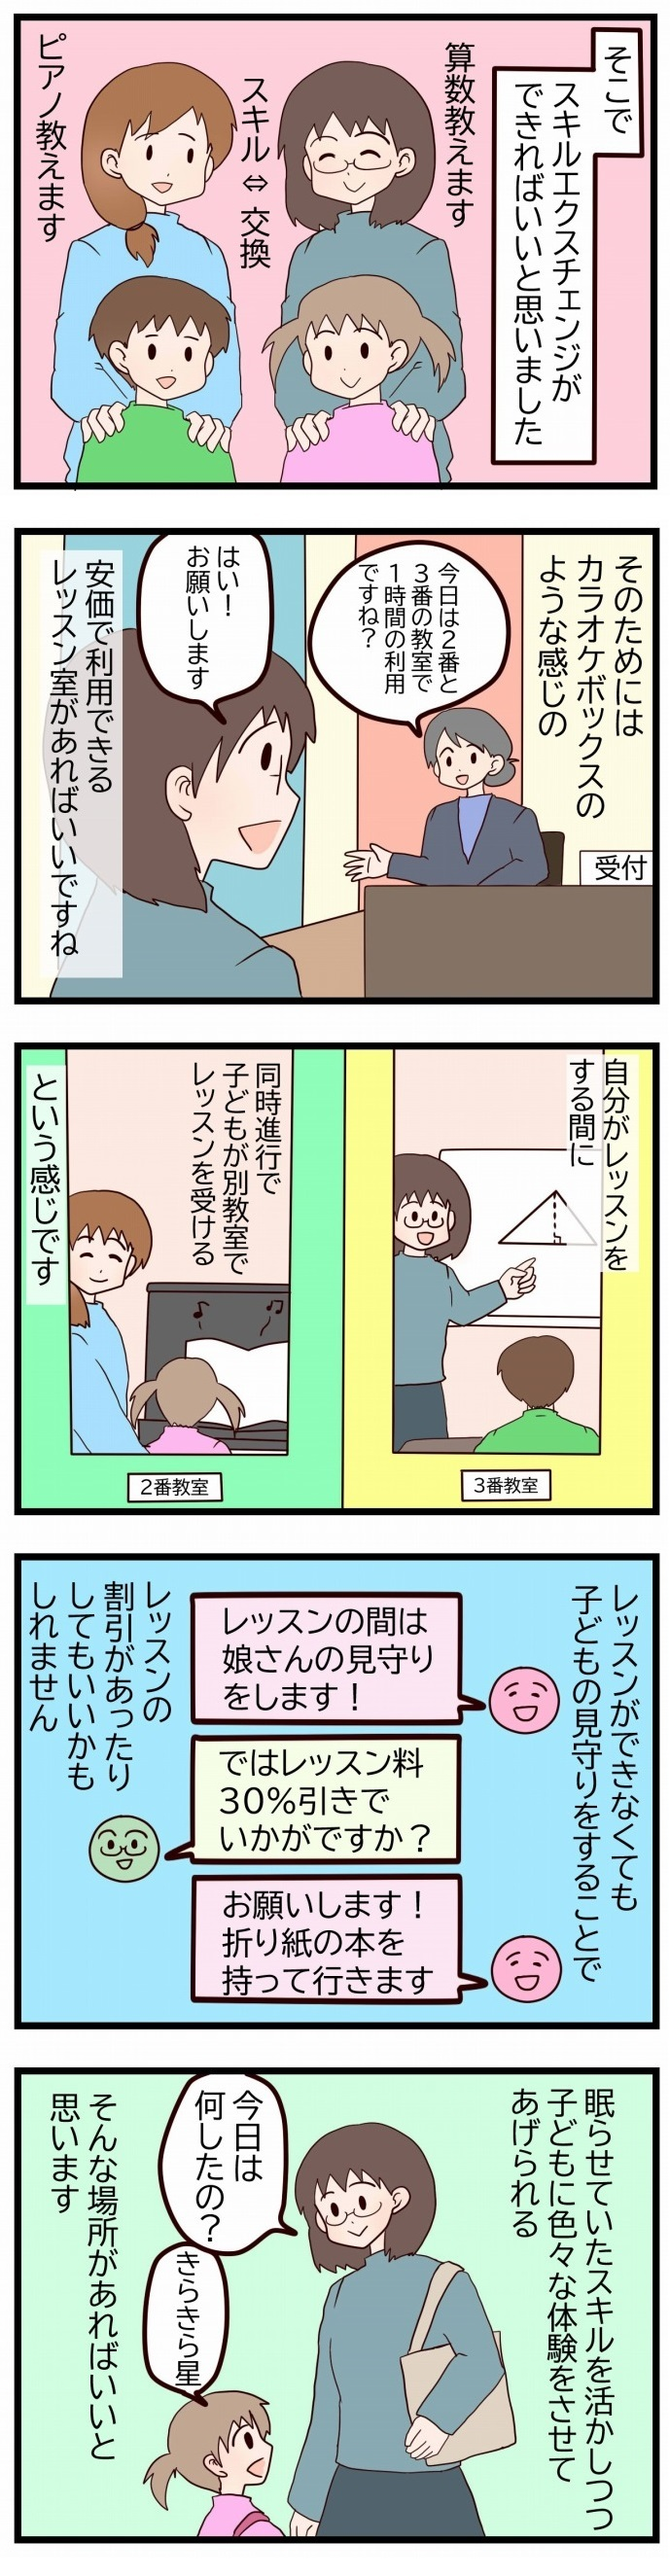 お金も時間も必要な「習いごと」…こんなシステムがあれば、みんなハッピーでは!?の画像2